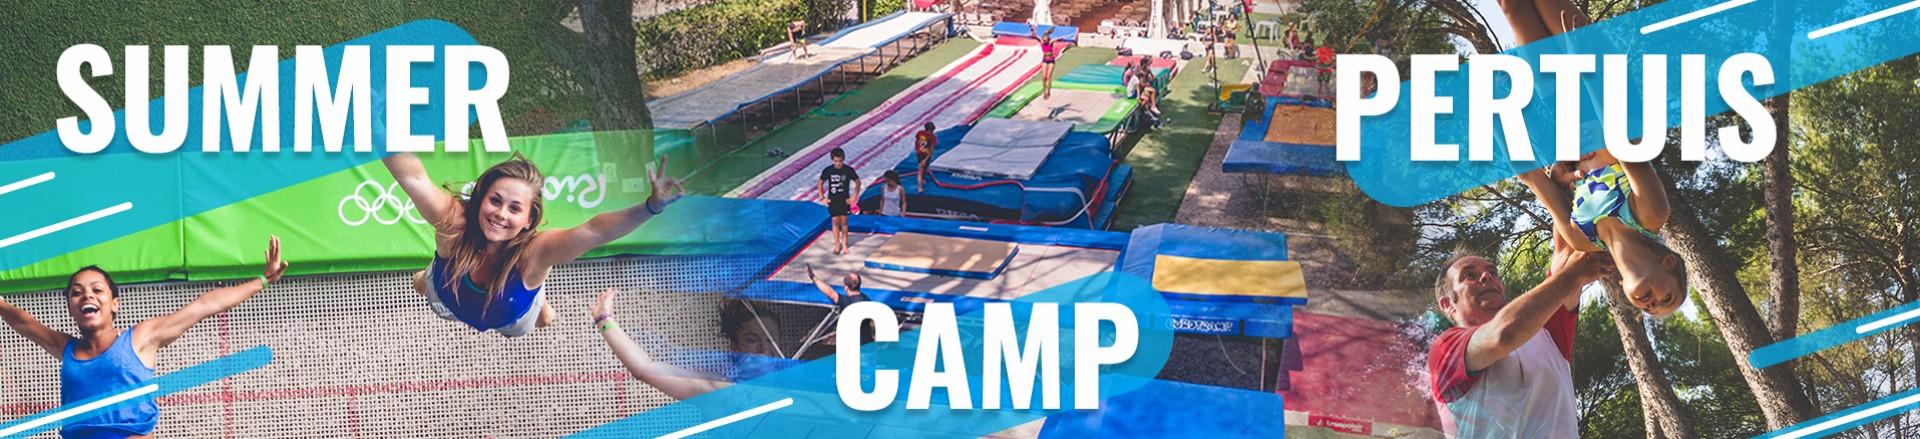 Espace trampoline Summer Camp Pertuis. On peut voir des trampolines de competions Ultimate et grands masters....